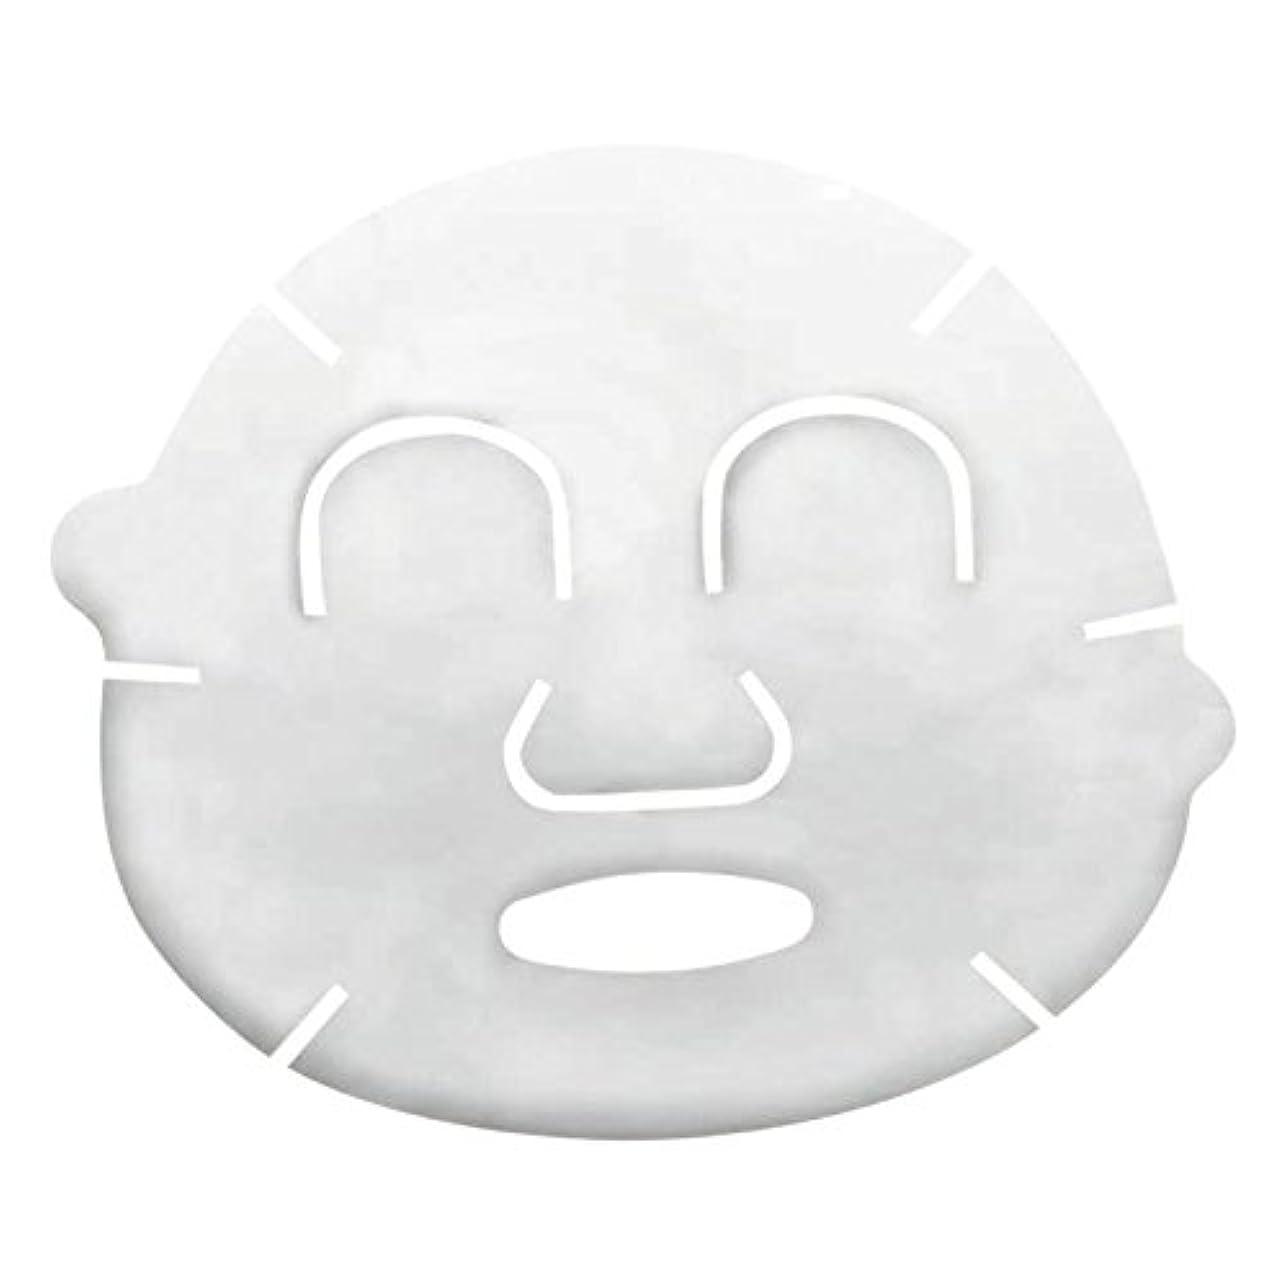 自発的ジョージエリオット分子シャーロットティルバリーマルチ奇跡のグロークレンザーマスク&バーム100ミリリットル (Charlotte Tilbury) (x6) - Charlotte Tilbury Multi-Miracle Glow Cleanser Mask & Balm 100ml (Pack of 6) [並行輸入品]